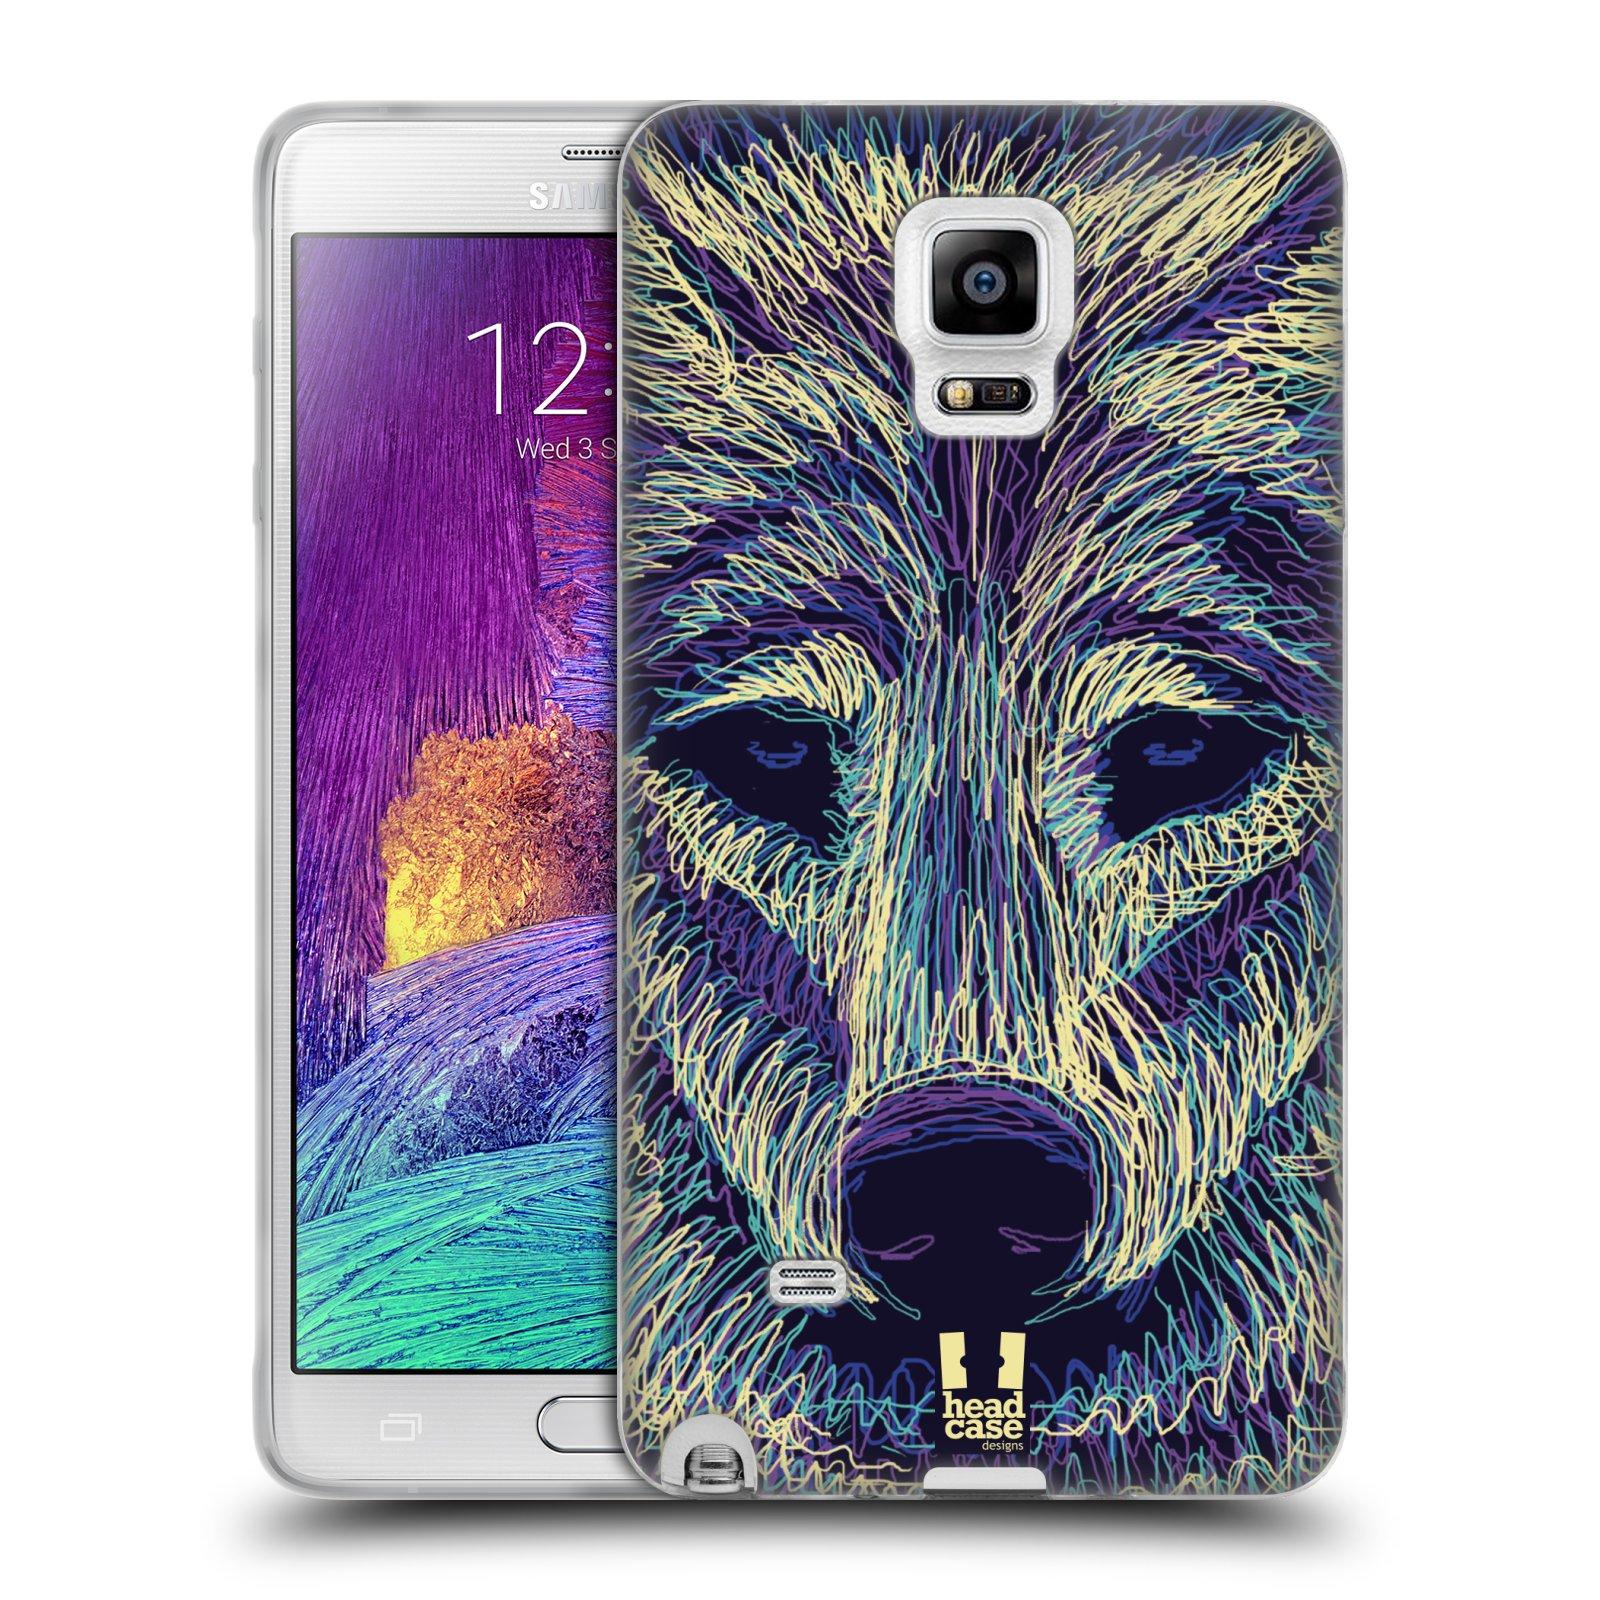 HEAD CASE silikonový obal na mobil Samsung Galaxy Note 4 (N910) vzor zvíře čmáranice vlk